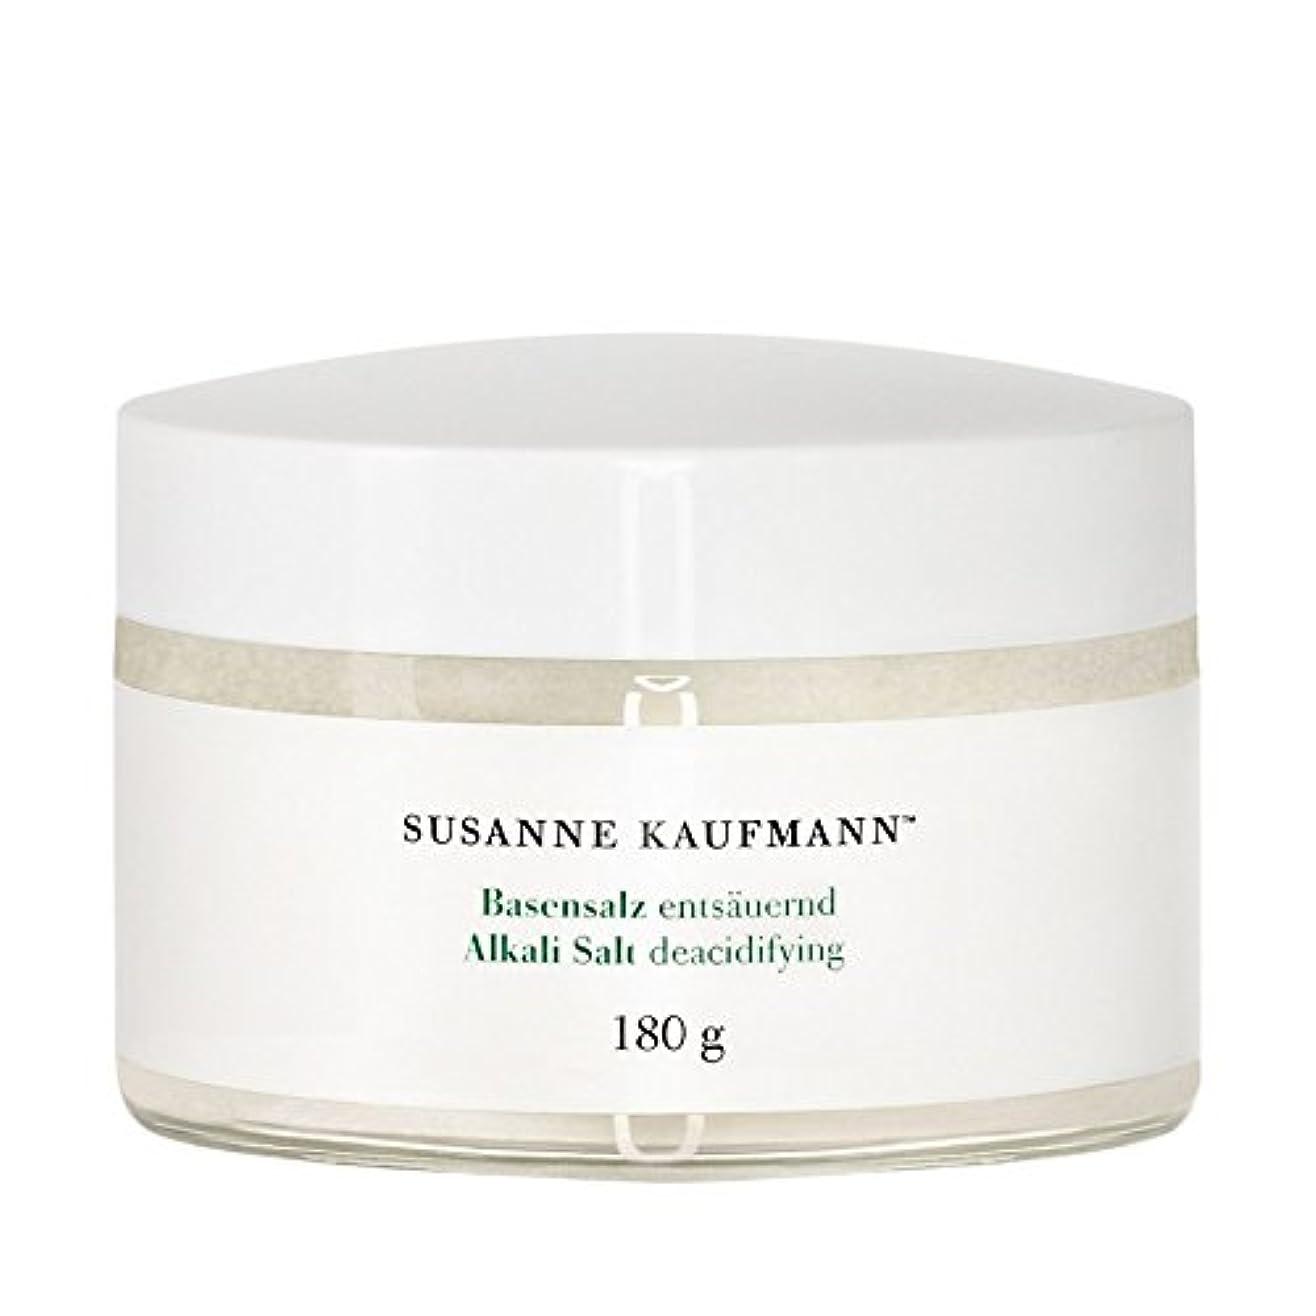 リップ笑いホップSusanne Kaufmann Alkali Salt 180g - スザンヌカウフマンアルカリ塩180グラム [並行輸入品]